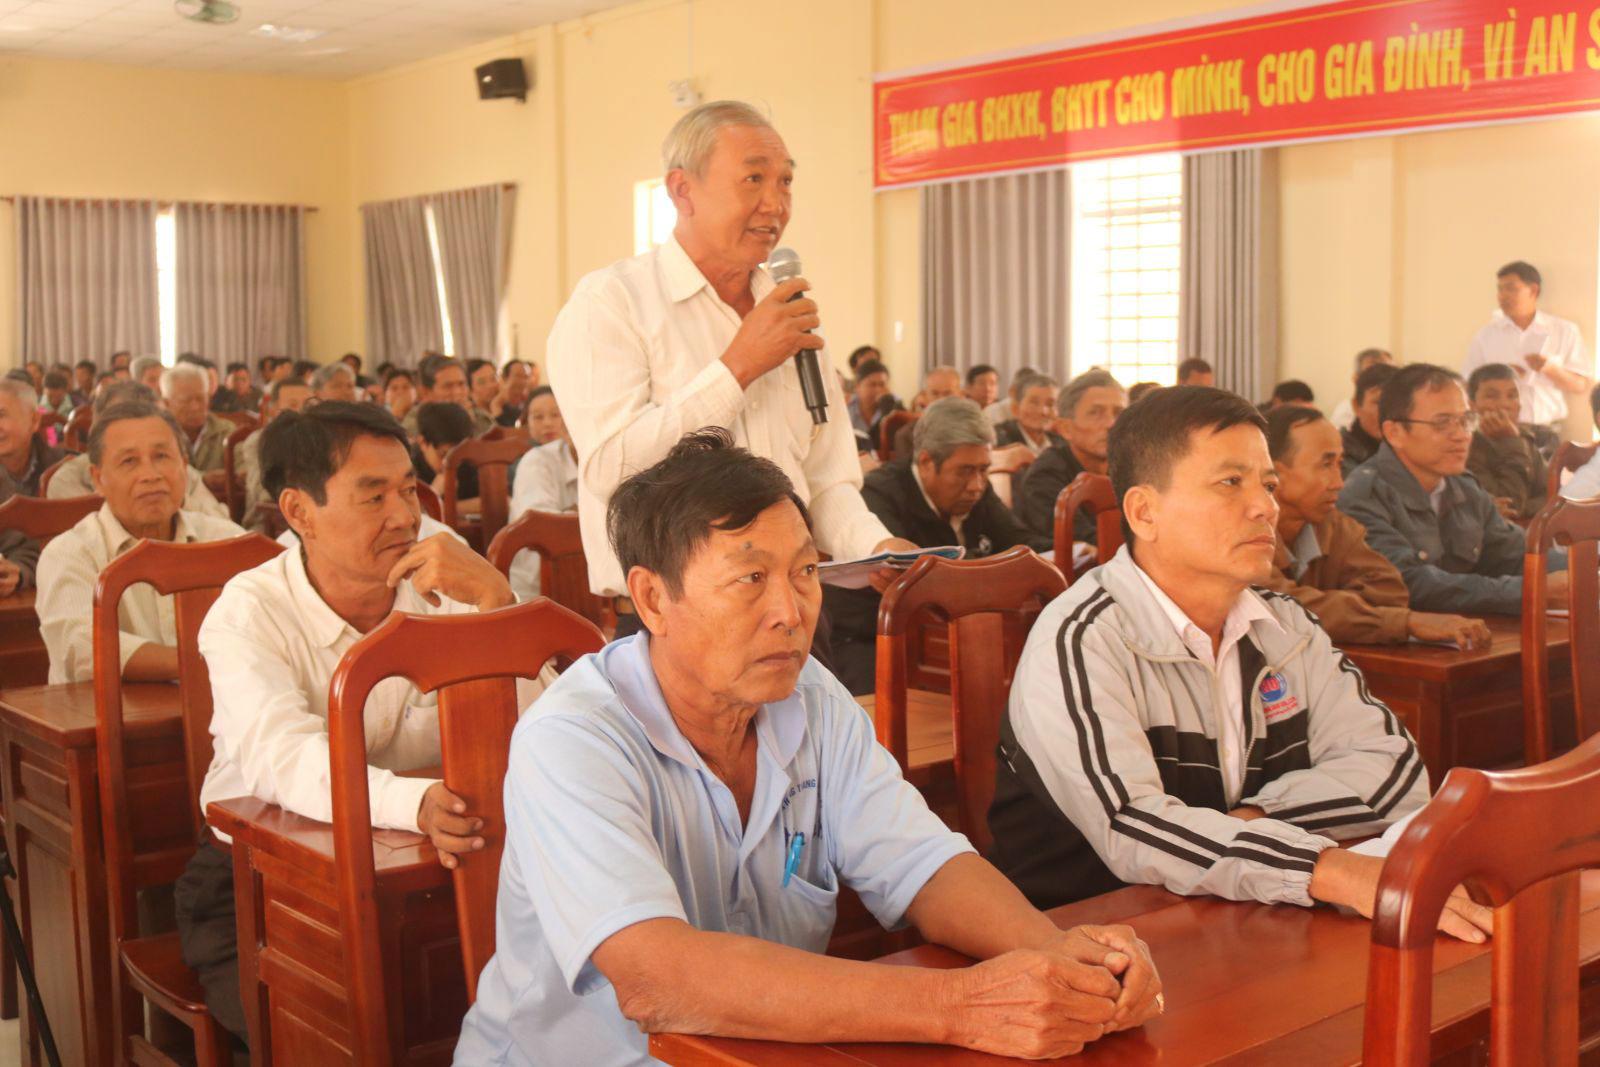 Buổi tuyên truyền những quy định về Bảo hiểm xã hội tự nguyện, BHYT đến hội viên Hội Nông dân ở huyện Cờ Đỏ. Ảnh: V.Truyền